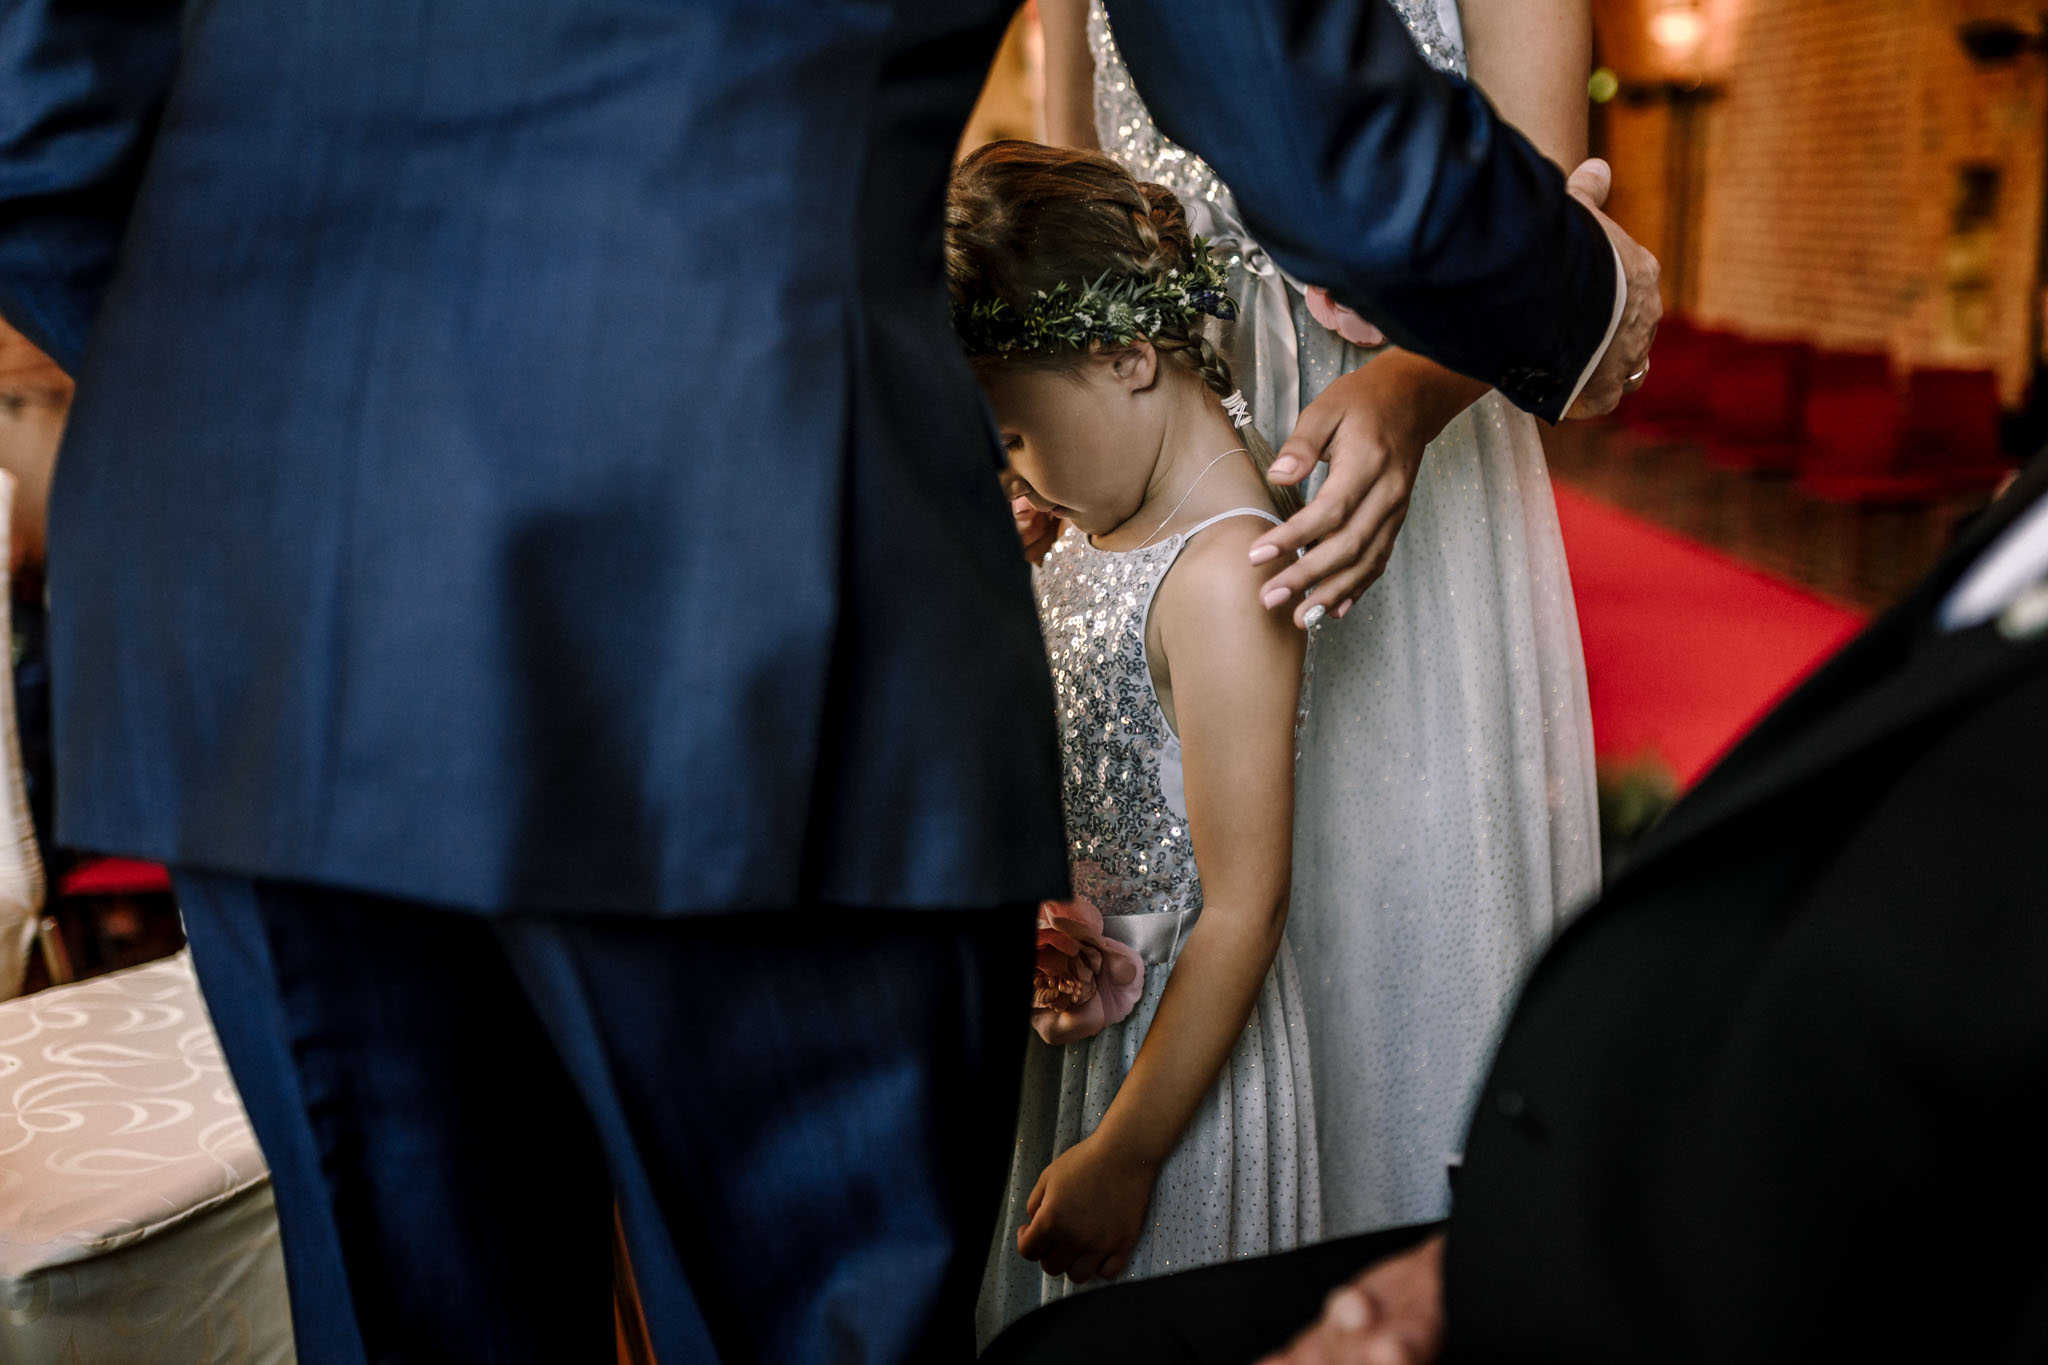 Hochzeitsfieber by Photo-Schomburg, Hochzeitsfotograf, Hamburg,Hochzeitstag, Hochzeitspaar, Braut, Bräutigam, Literaturhauscafe Zarrentin-47